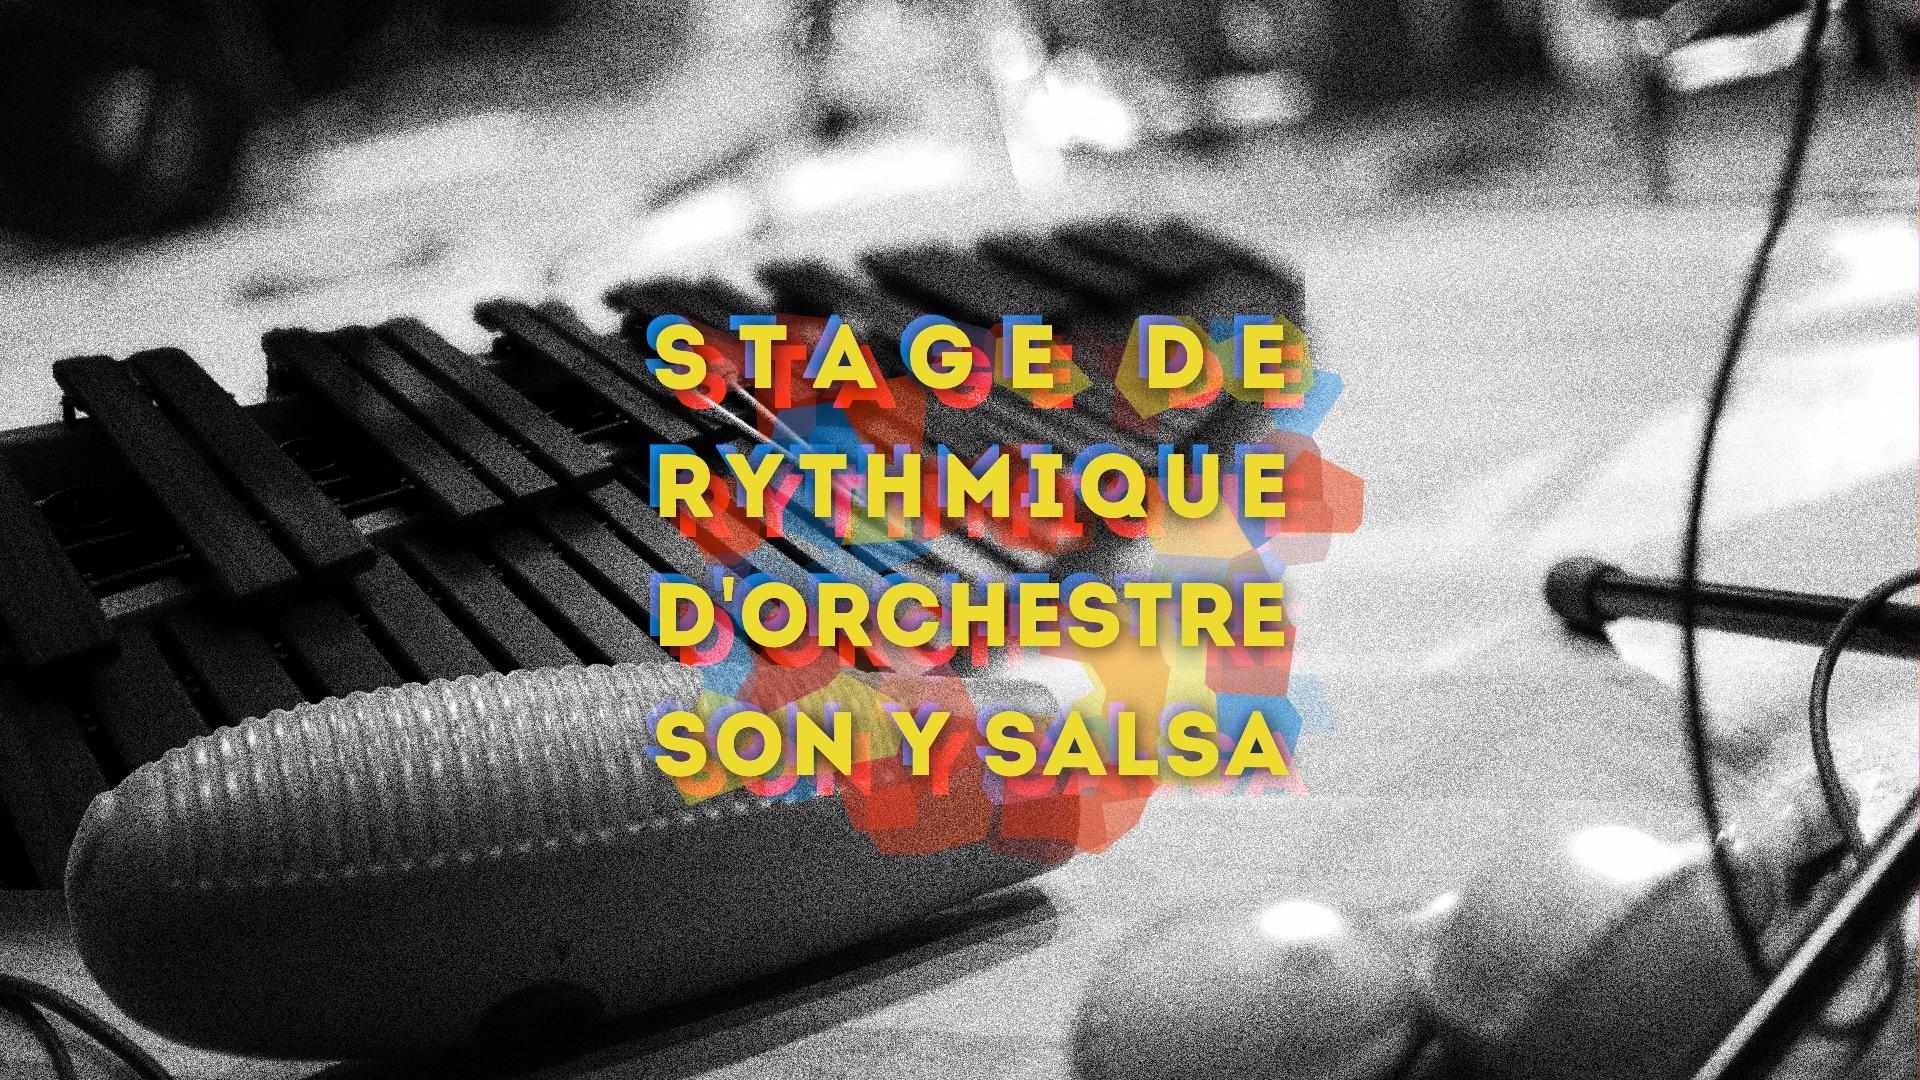 Stage de rythmique salsa pour les percussionnistes – Son y Salsa